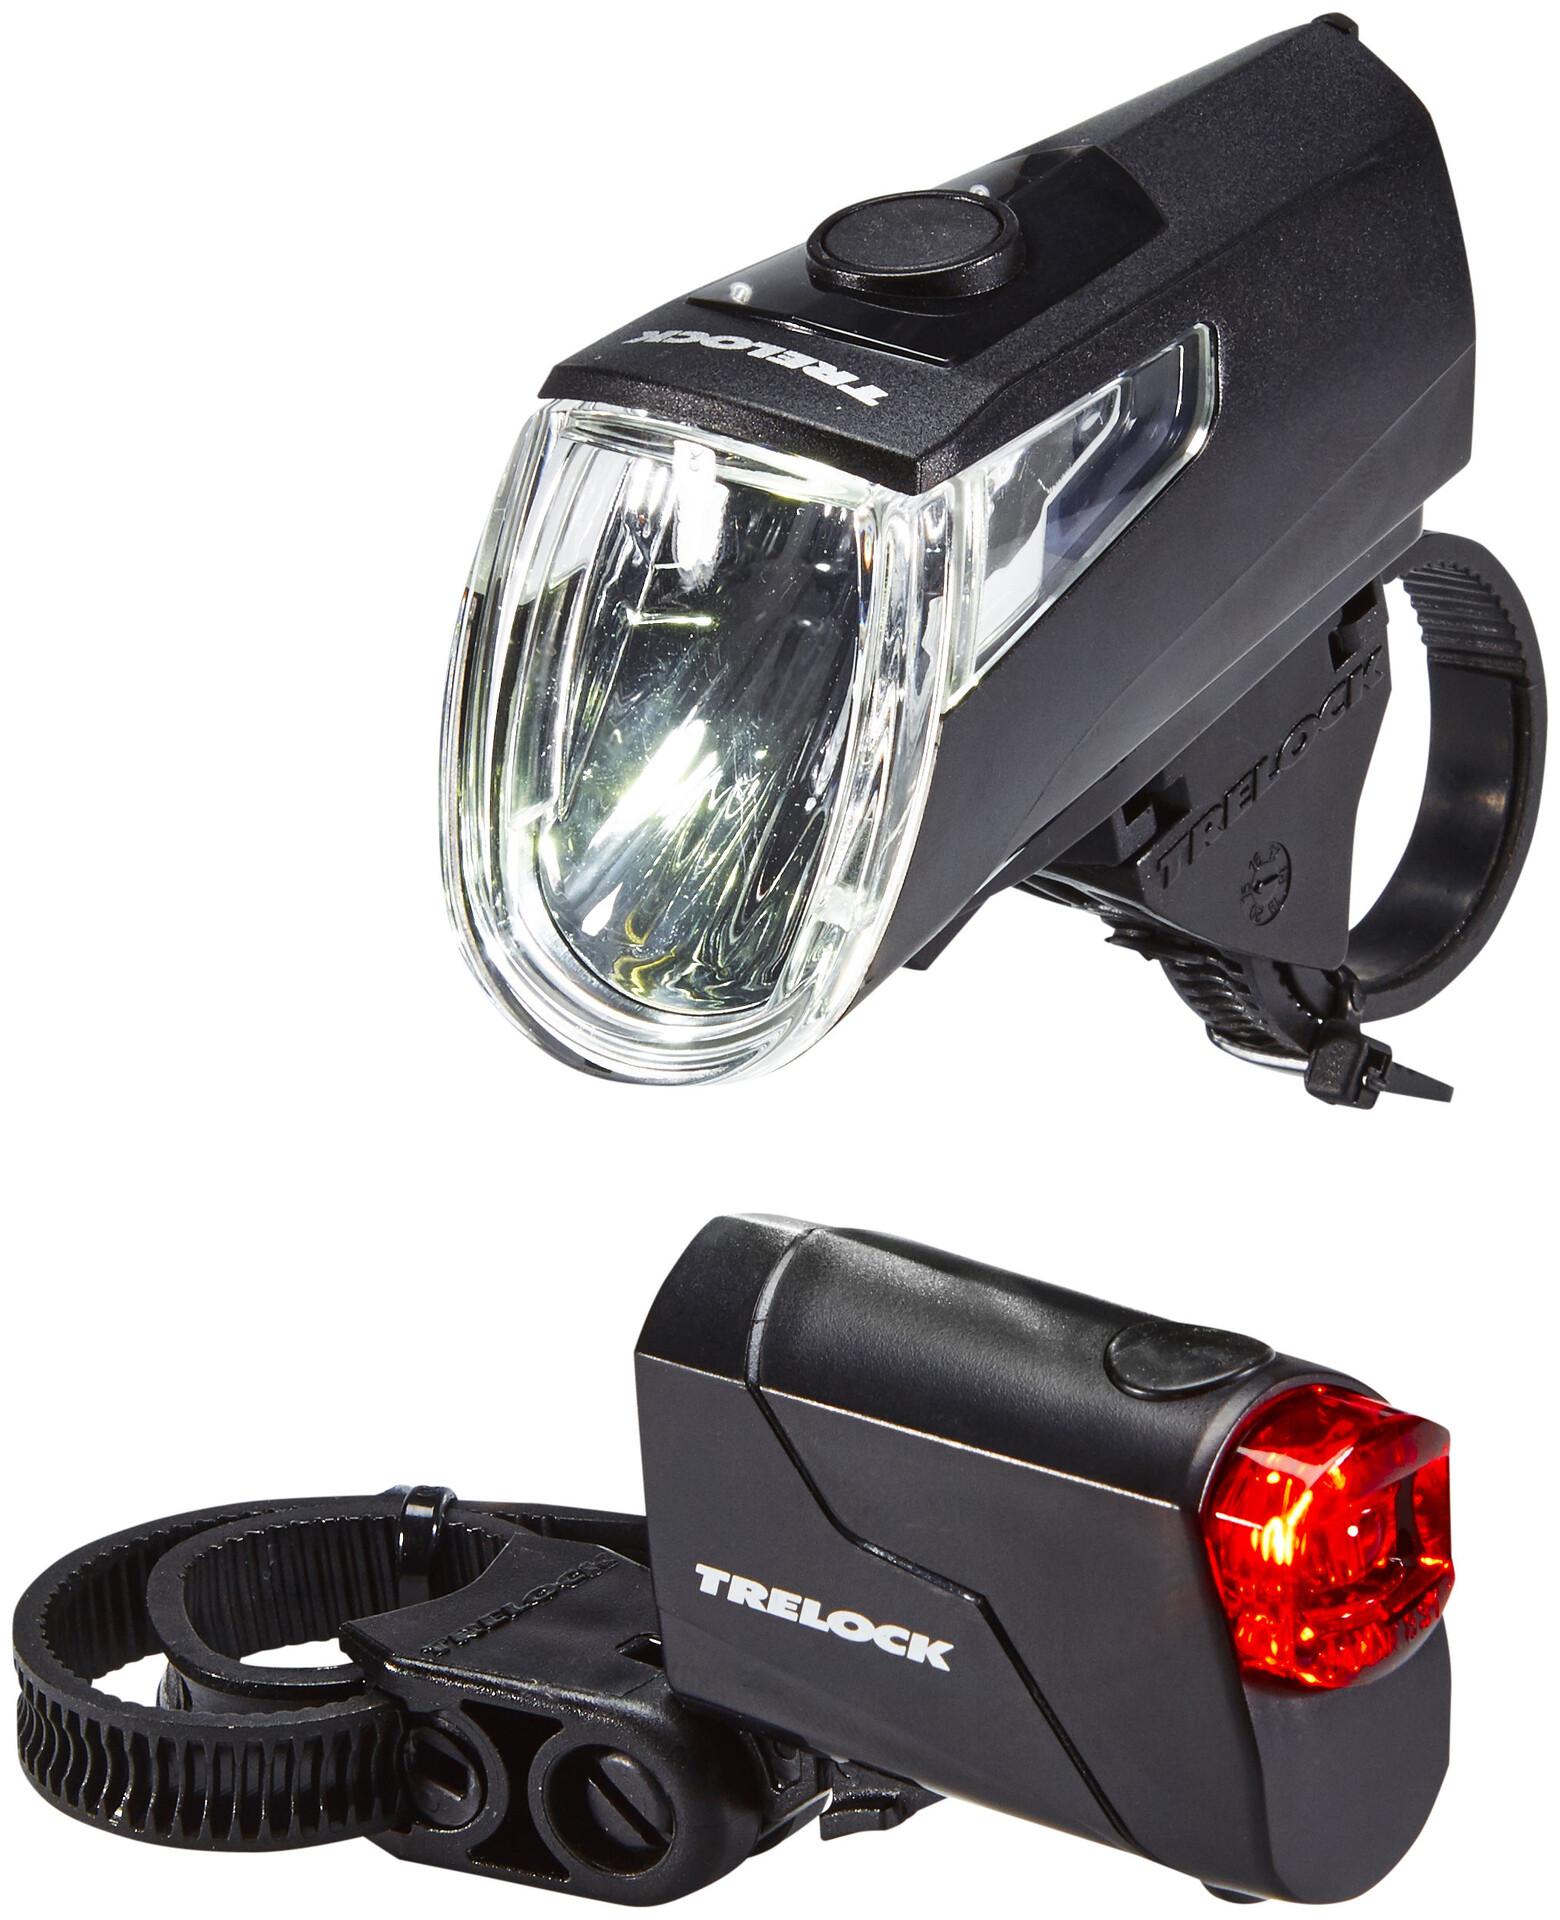 TRELOCK LS 560 I-GO Control LED-Fahrrad-Frontlicht Fahrradzubehör